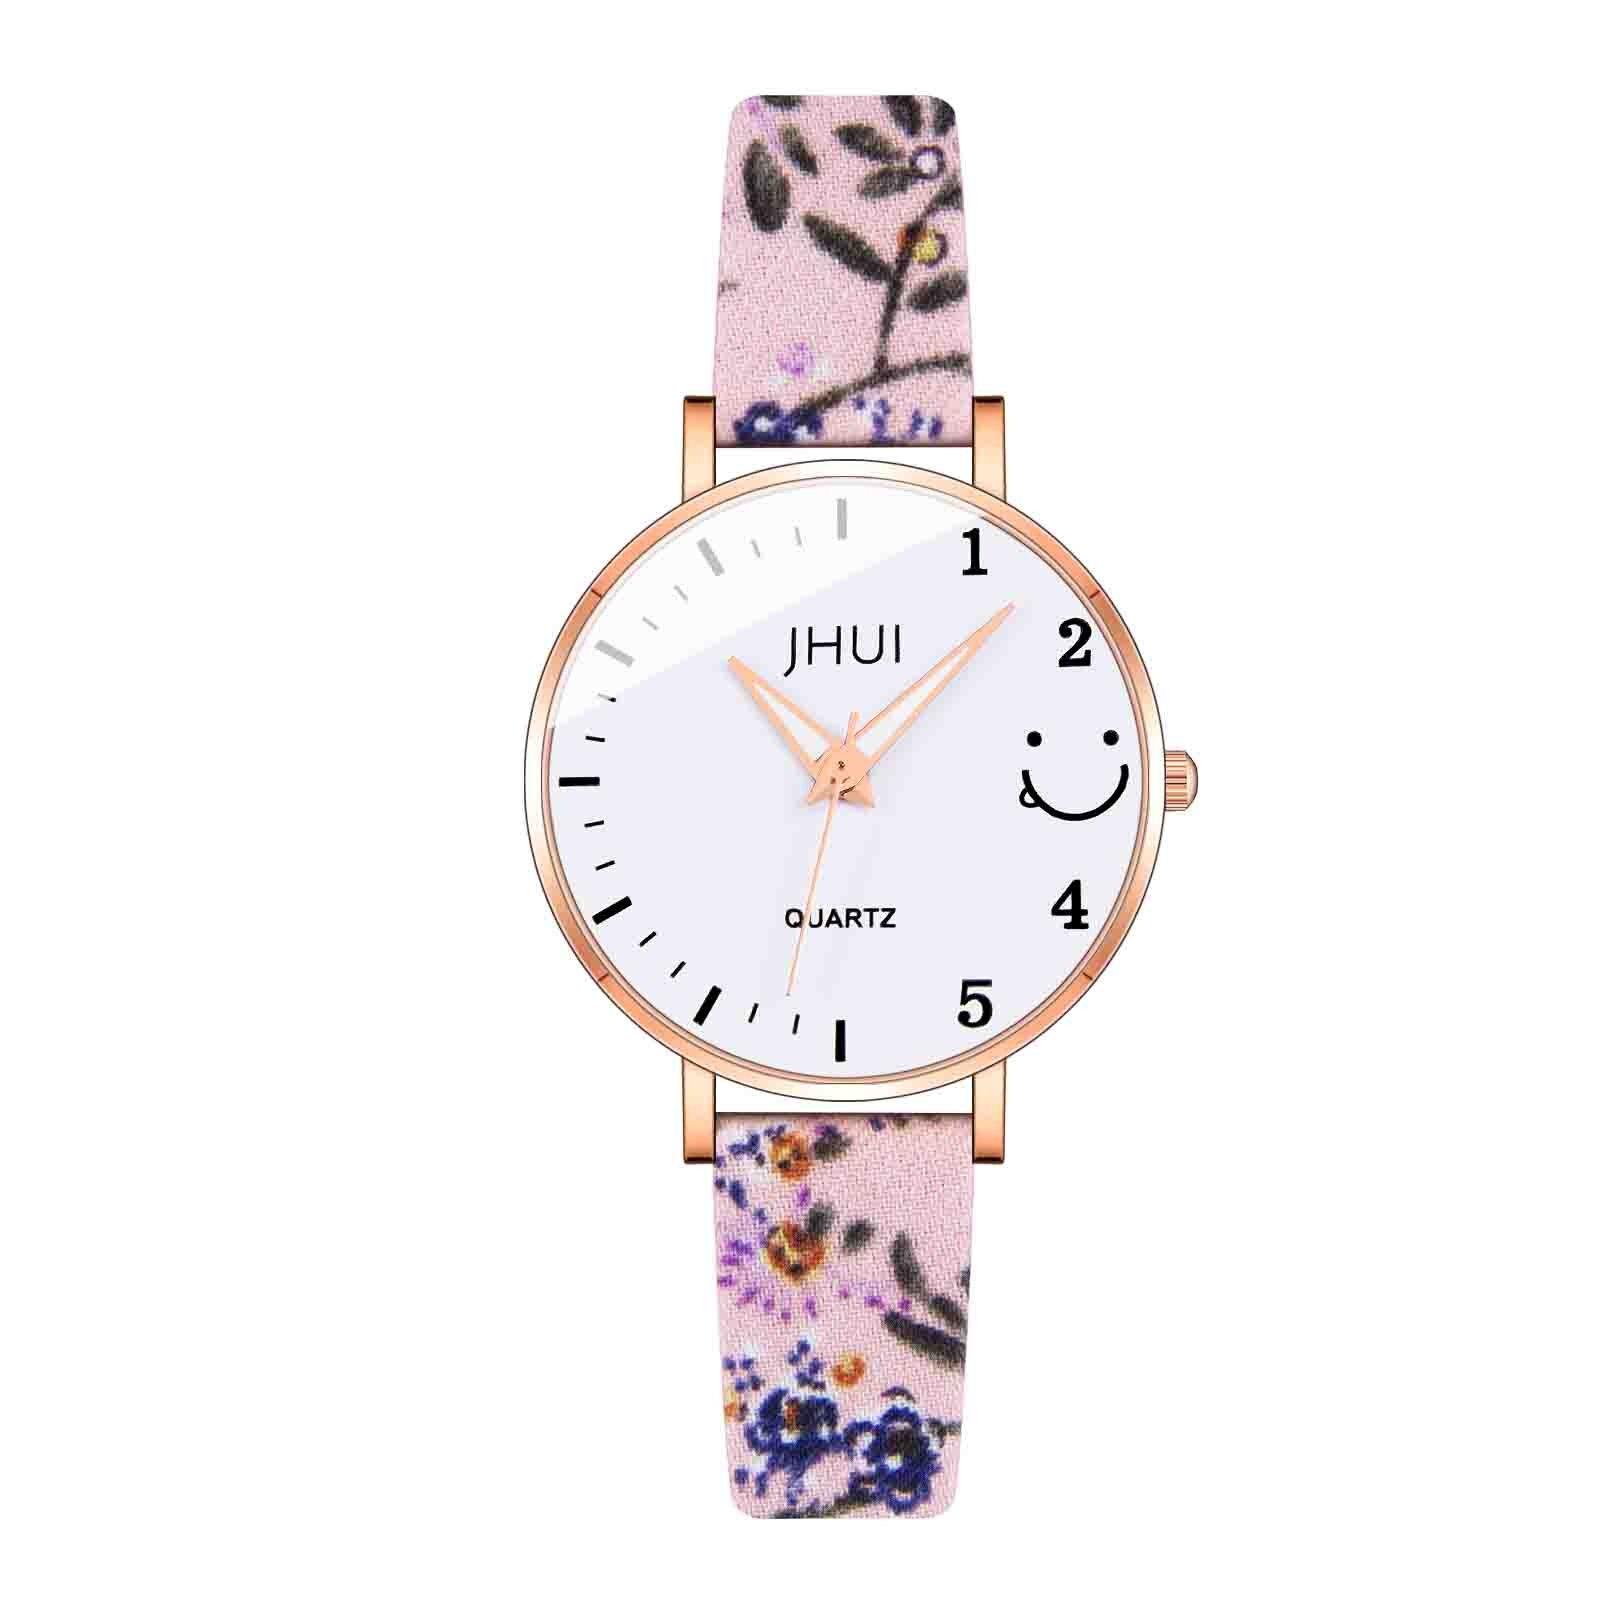 2021 Minimalist Men's Fashion Ultra Thin Watches Luxury Temperament Ladies Belt Watch Analog Arabic